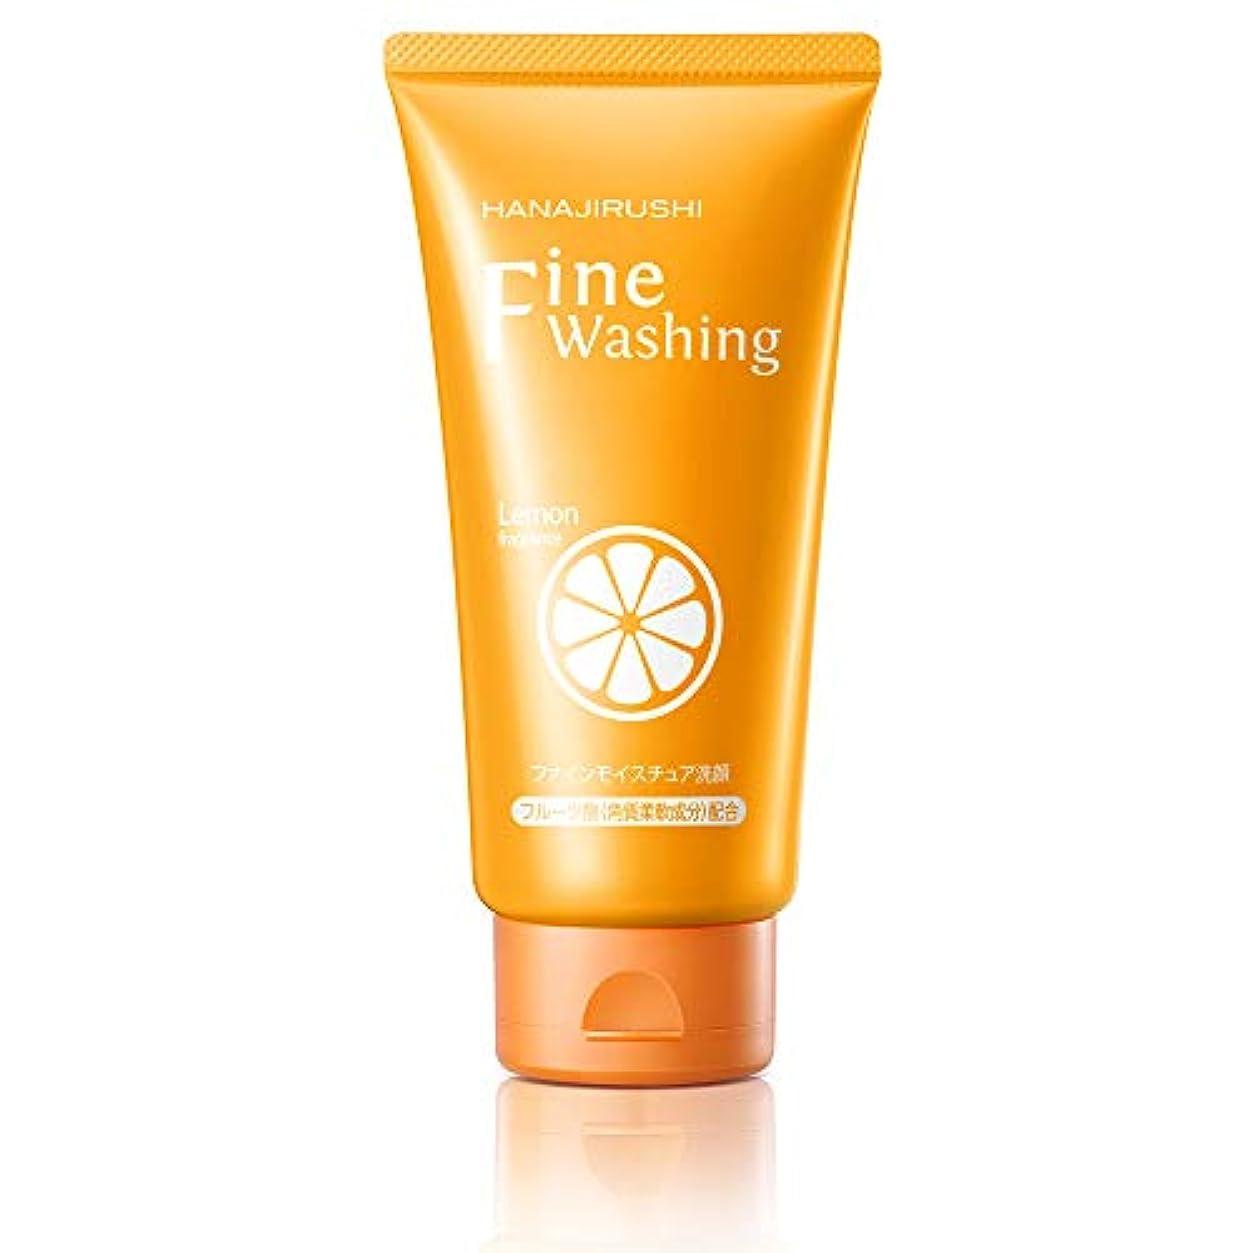 下承知しました許可する花印ビタミンC誘導体配合ホワイト洗顔フォーム120g シミ?くすみ対策